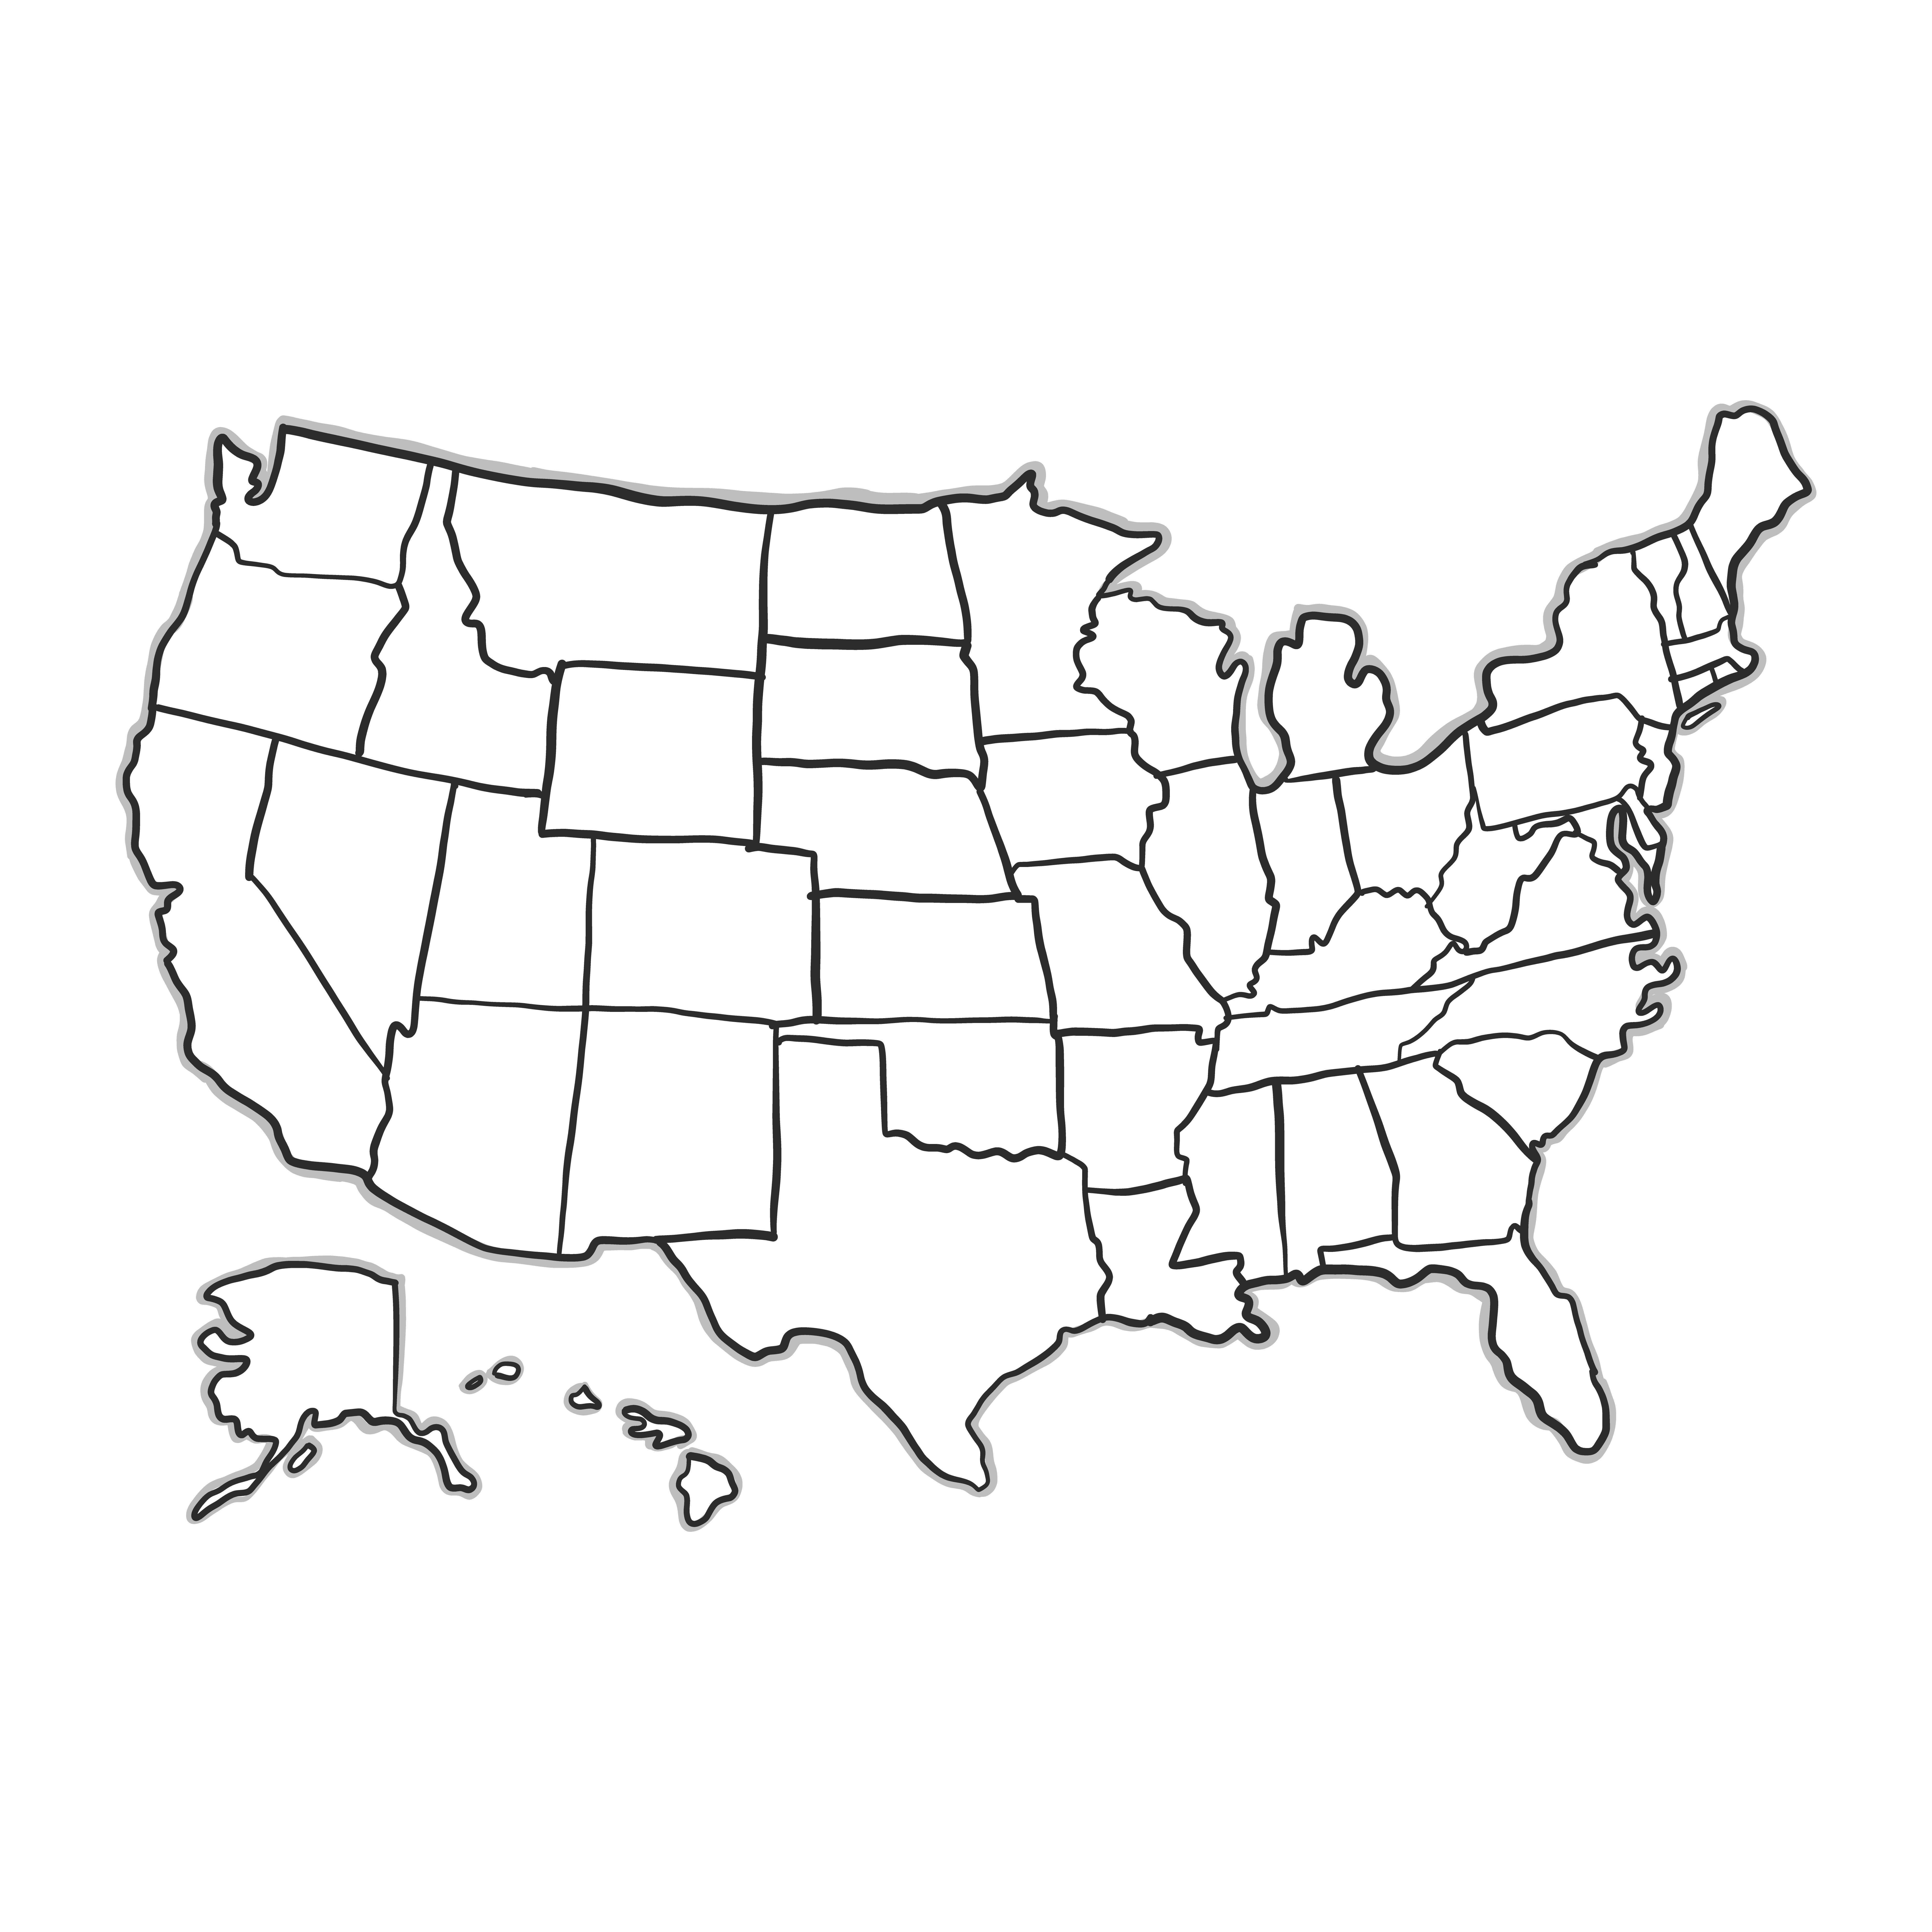 8000x8000 California Map Outline Vector California Map Outline Vector